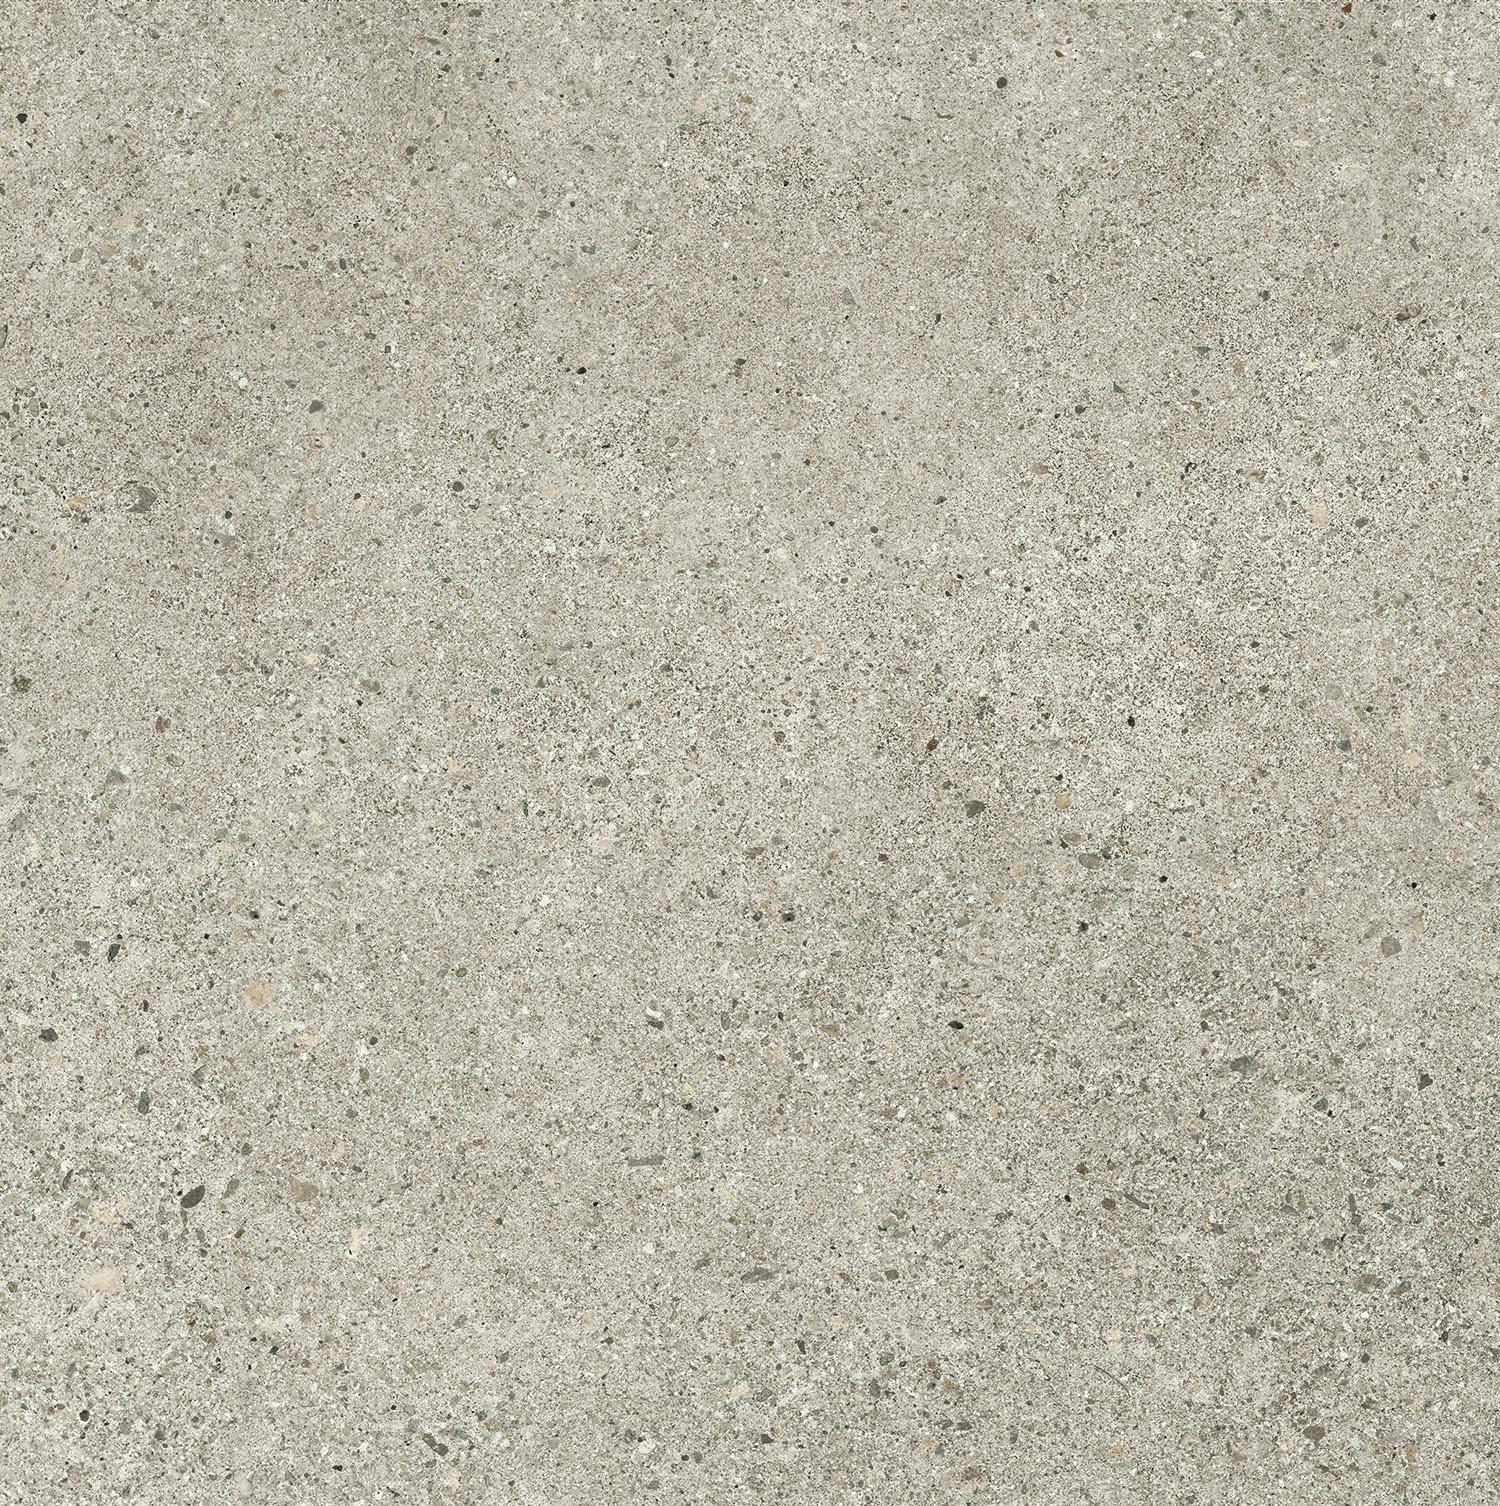 0099653, Deep, Harmaa, lattia,pakkasenkesto,liukastumisenesto,uimahalli